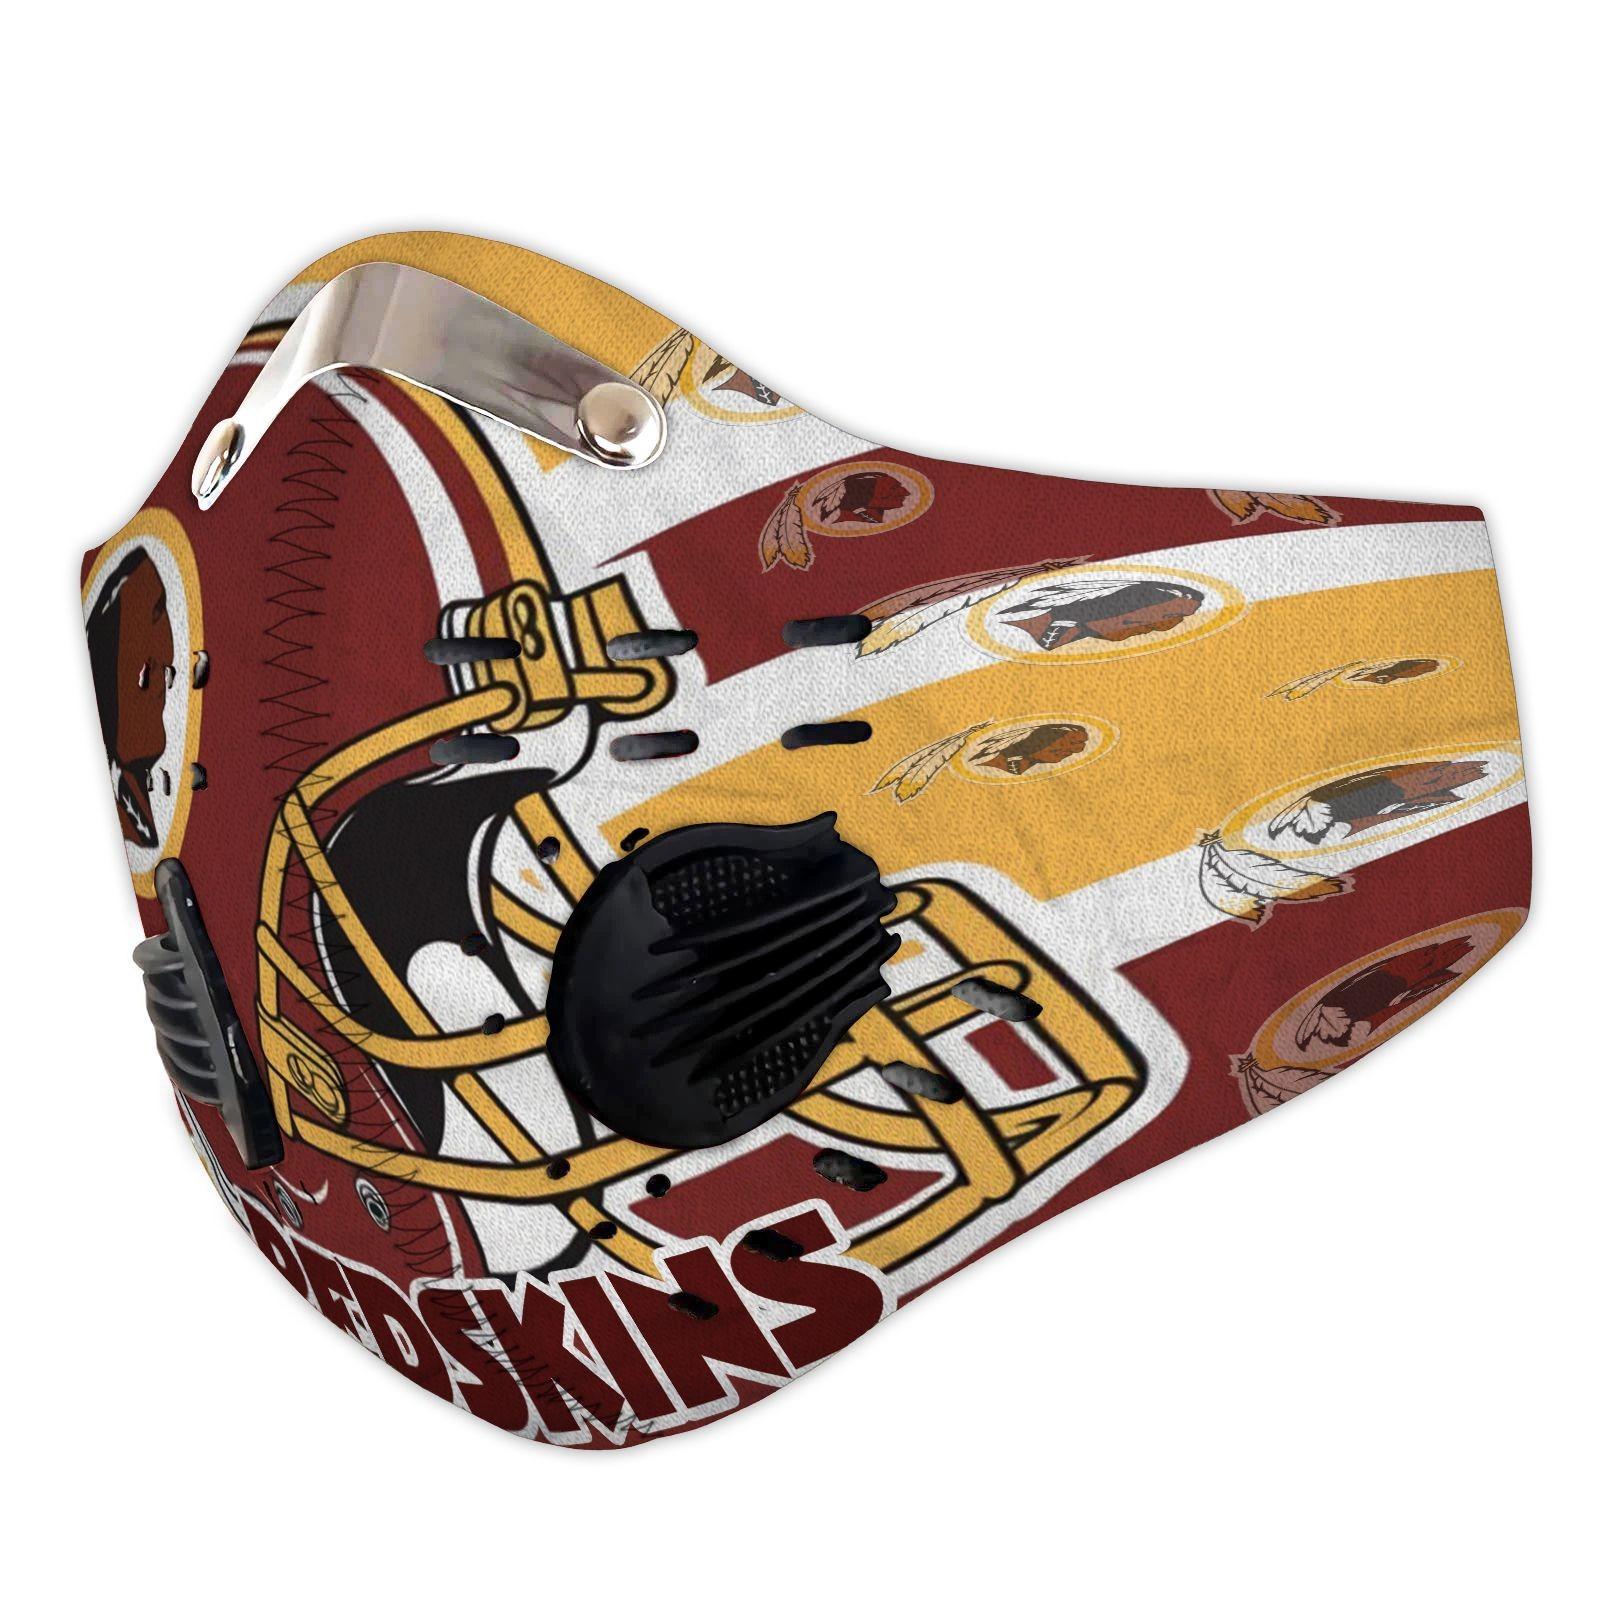 Redskins filter face mask